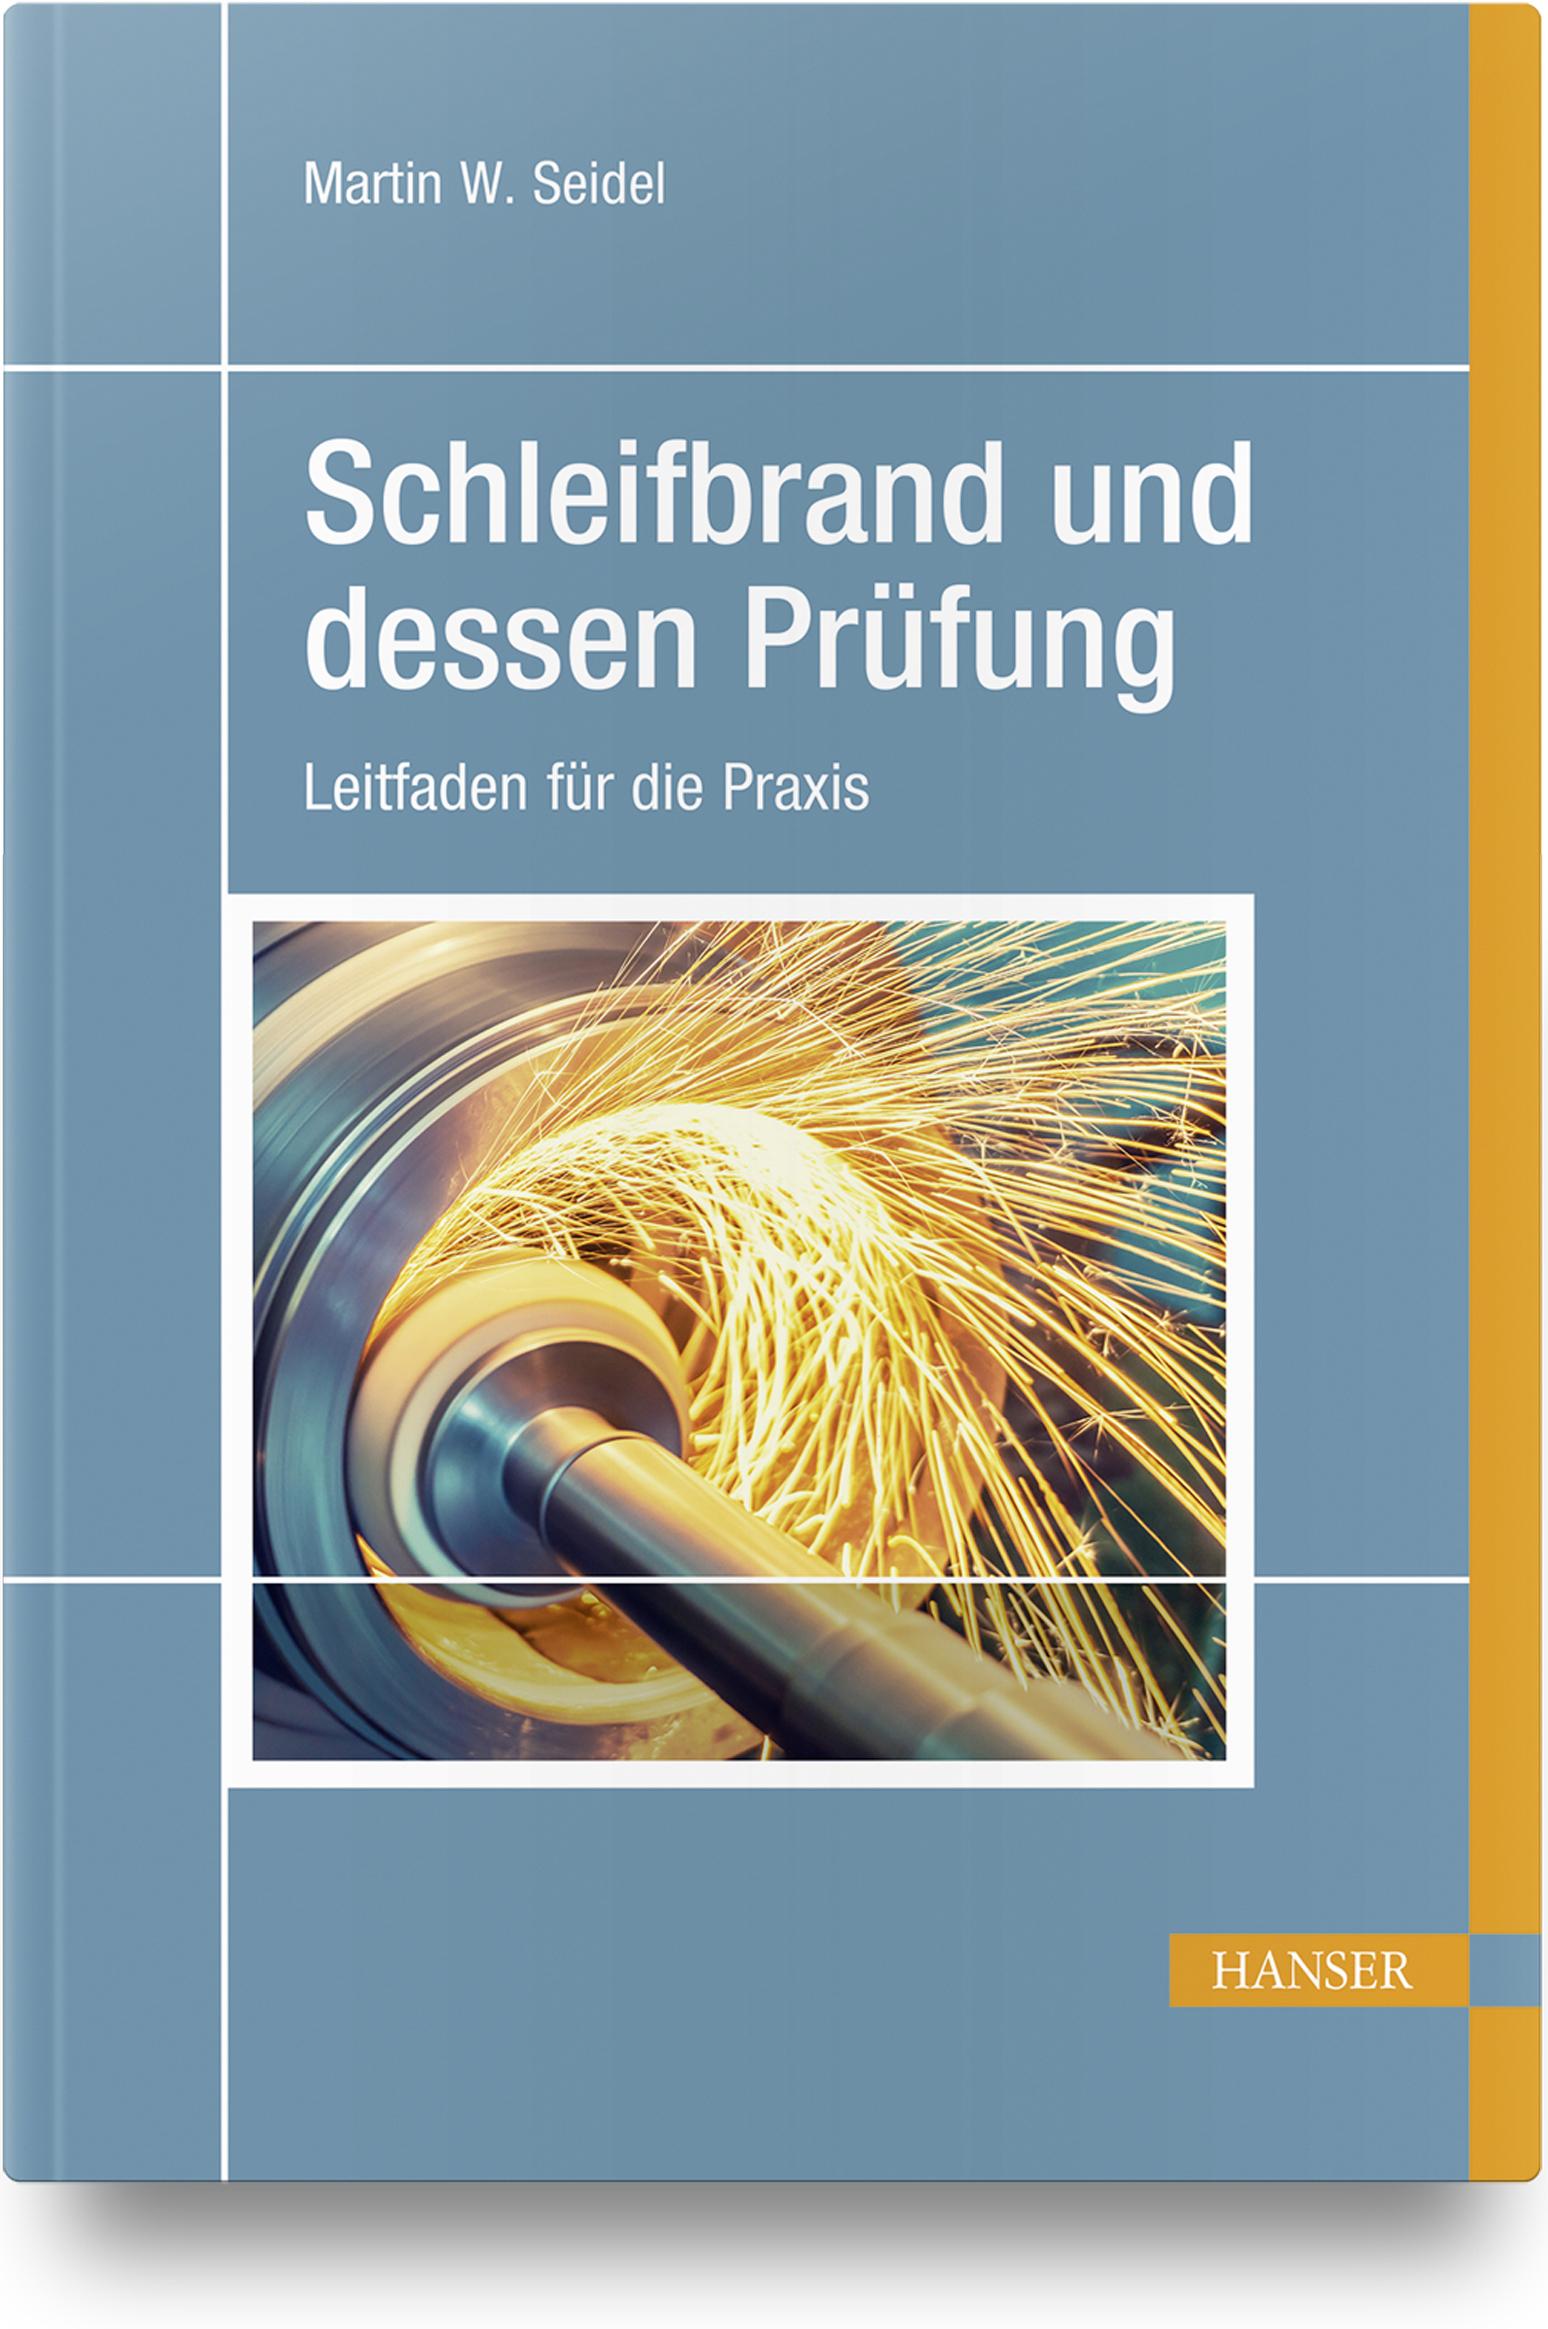 Seidel, Schleifbrand und dessen Prüfung, 978-3-446-46334-9